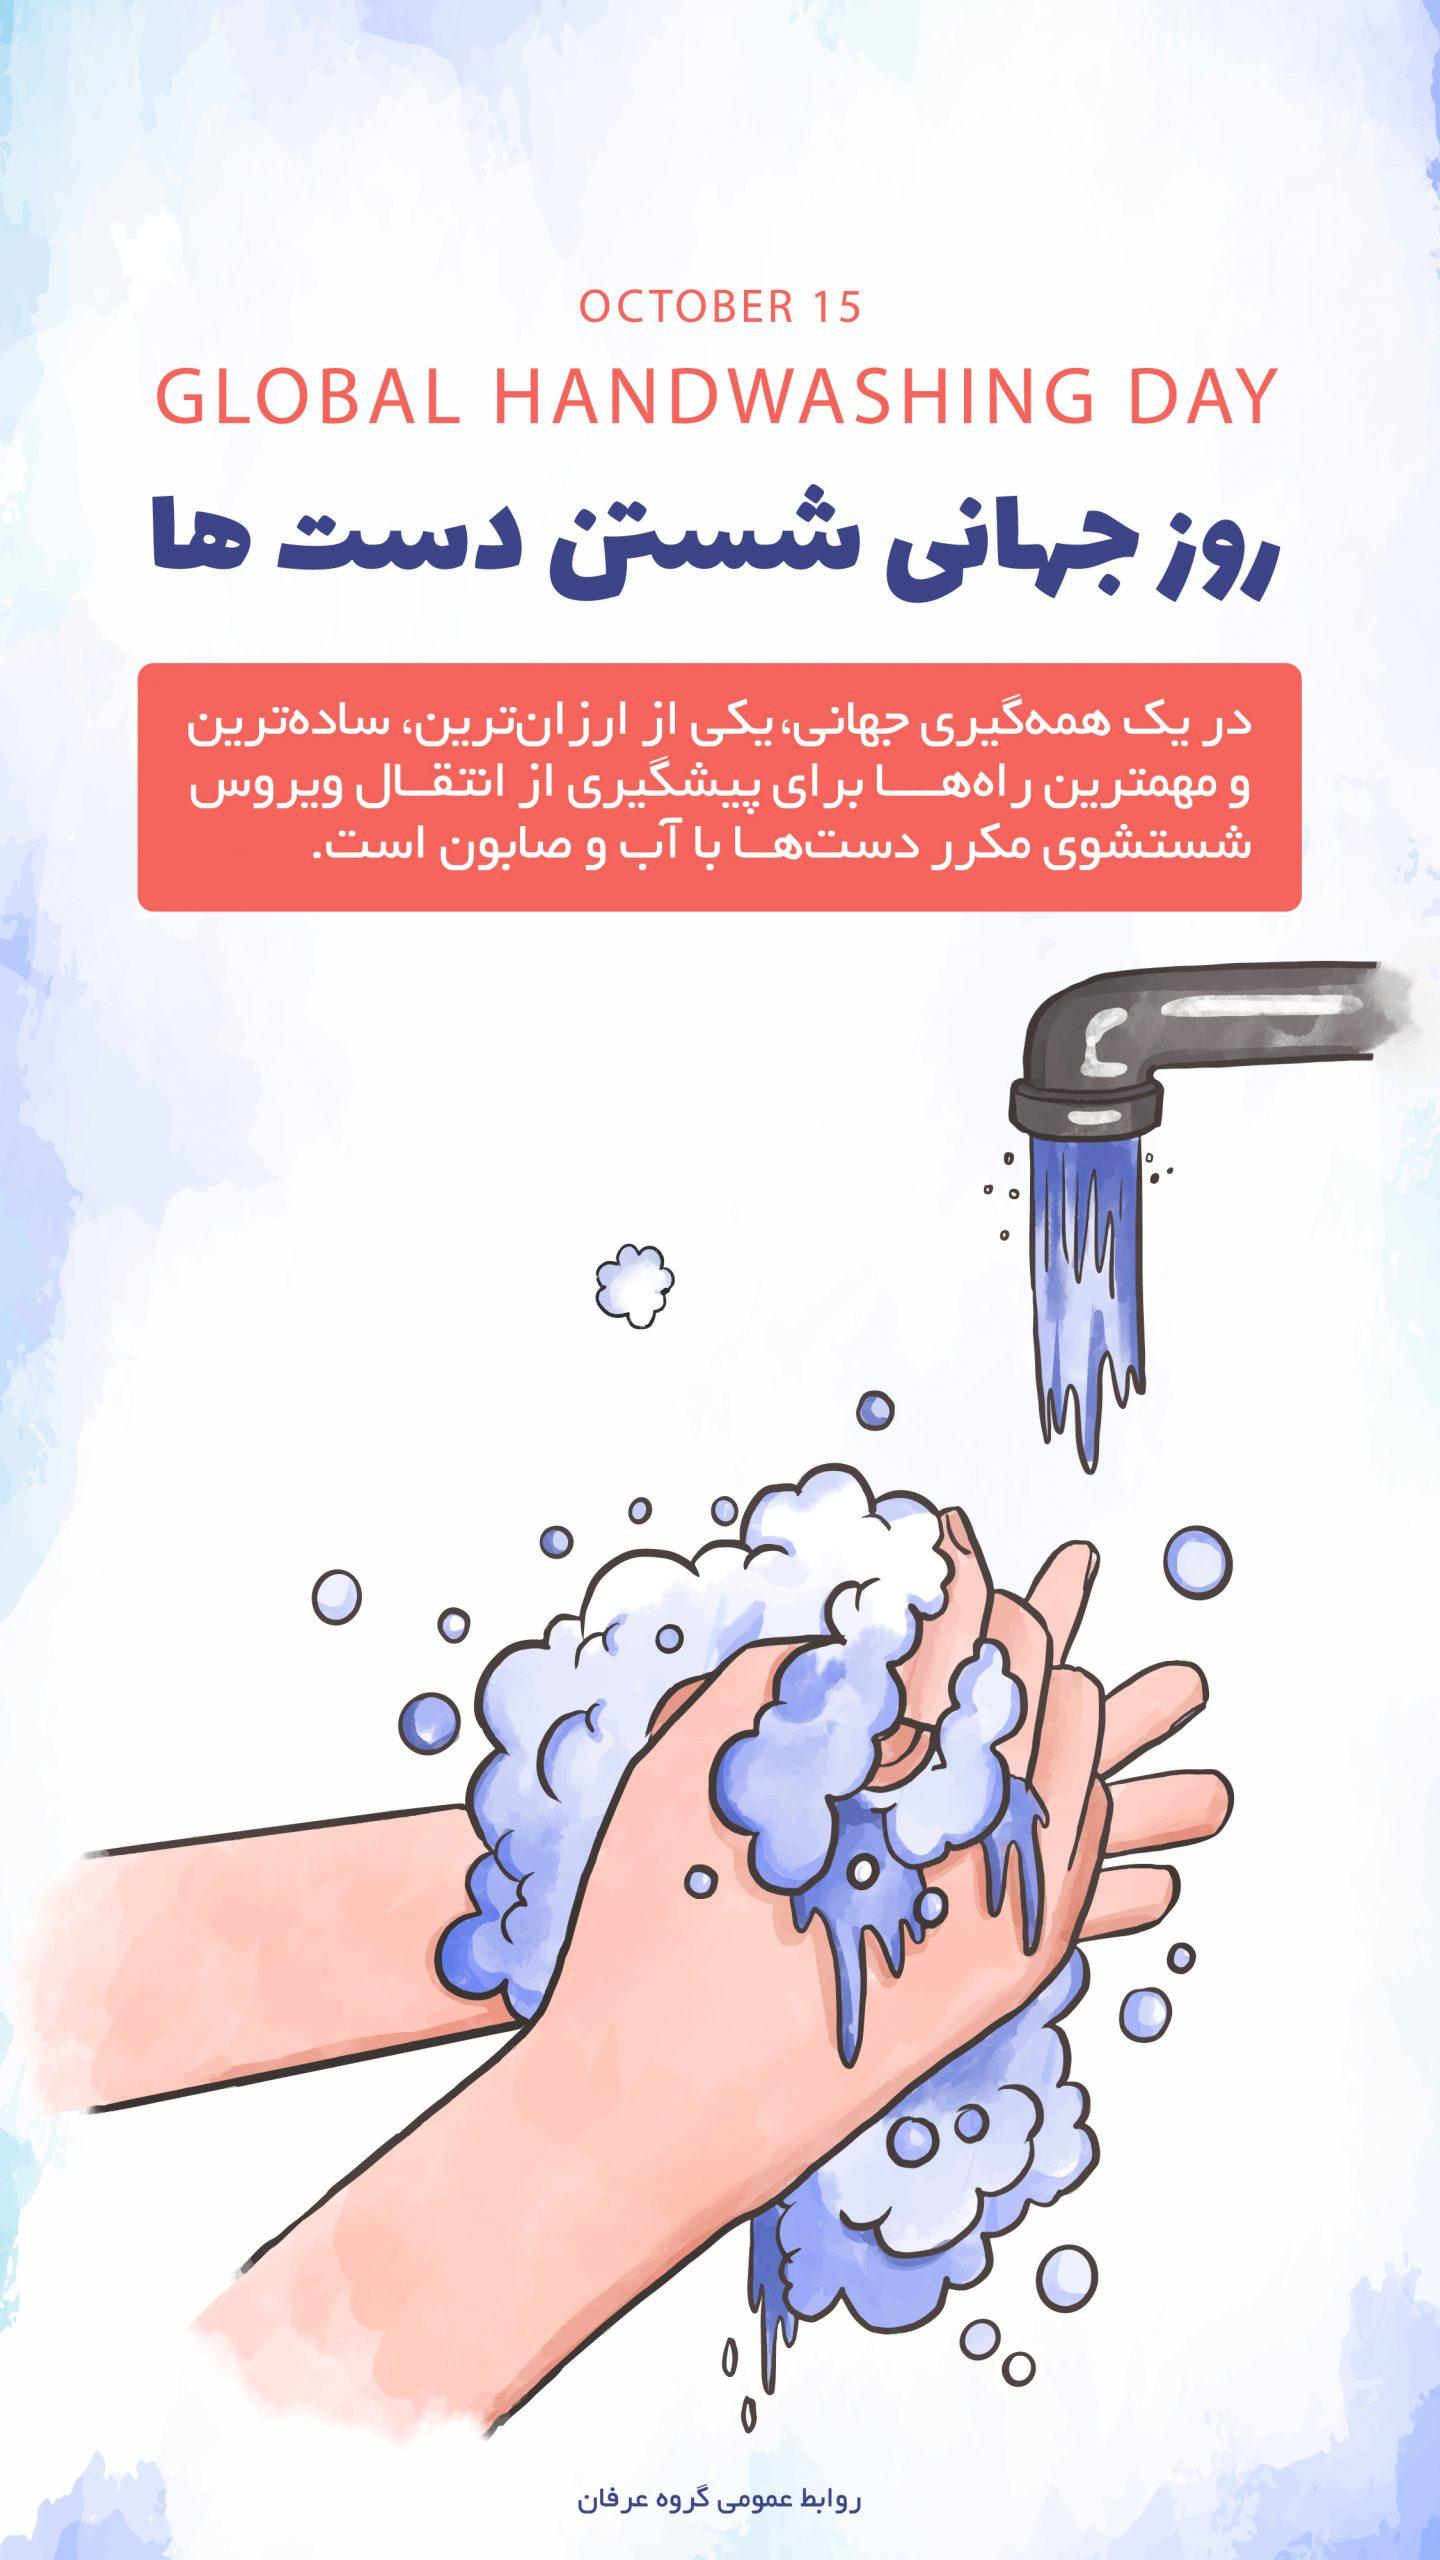 روز جهانی شستن دست ها